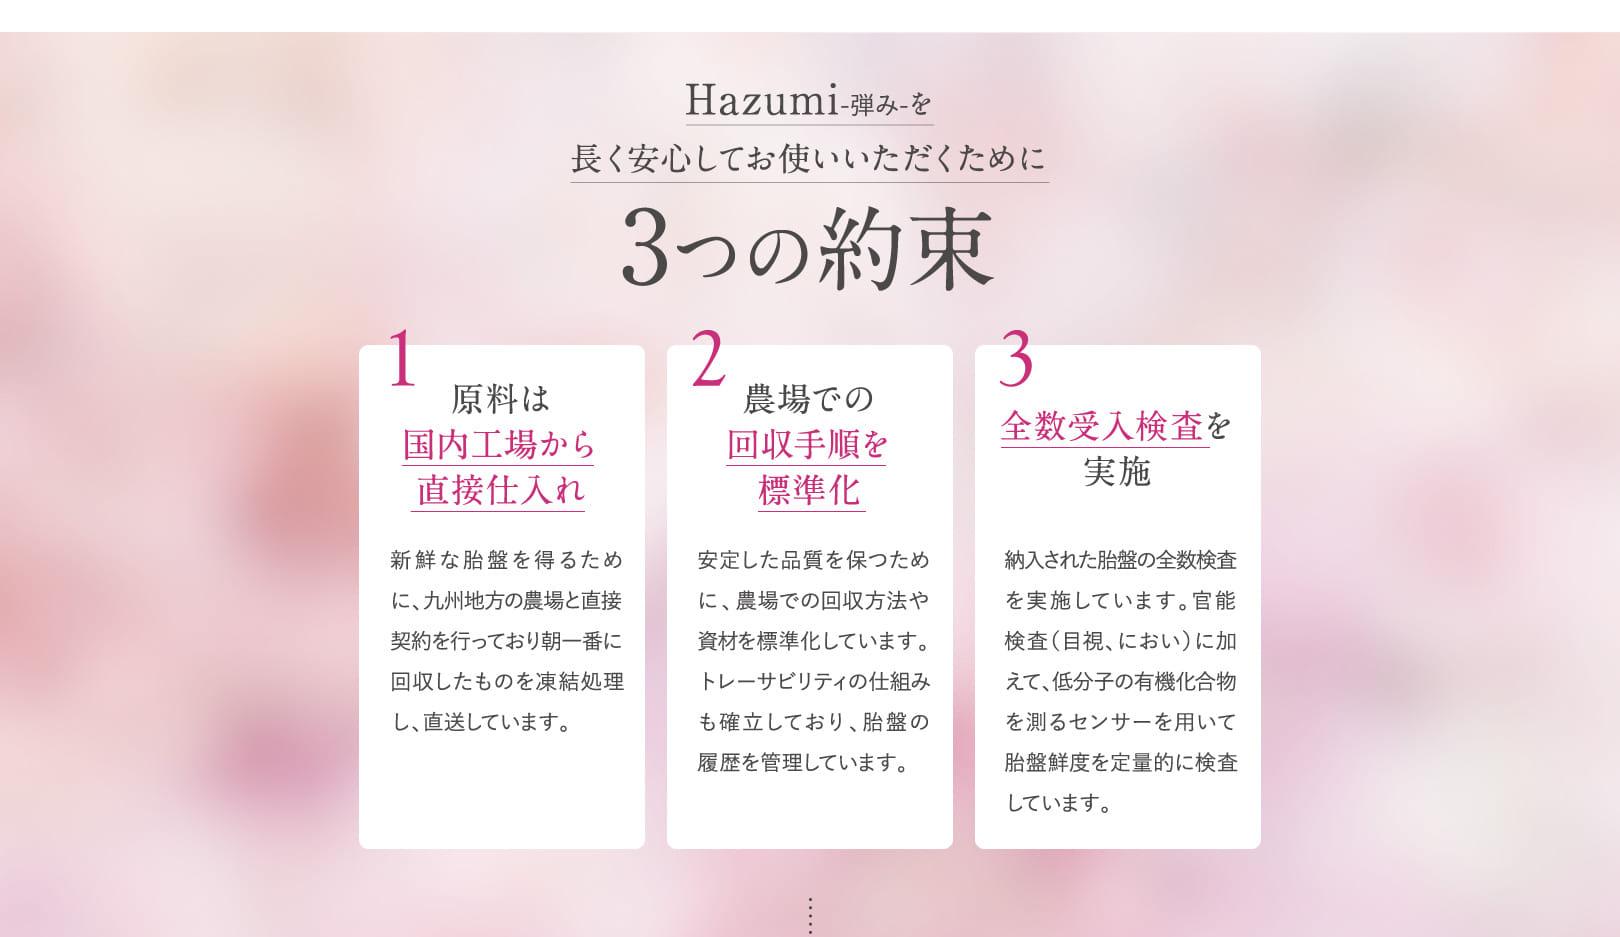 Hazumi-弾み-を長く安心してお使いいただくために3つの約束